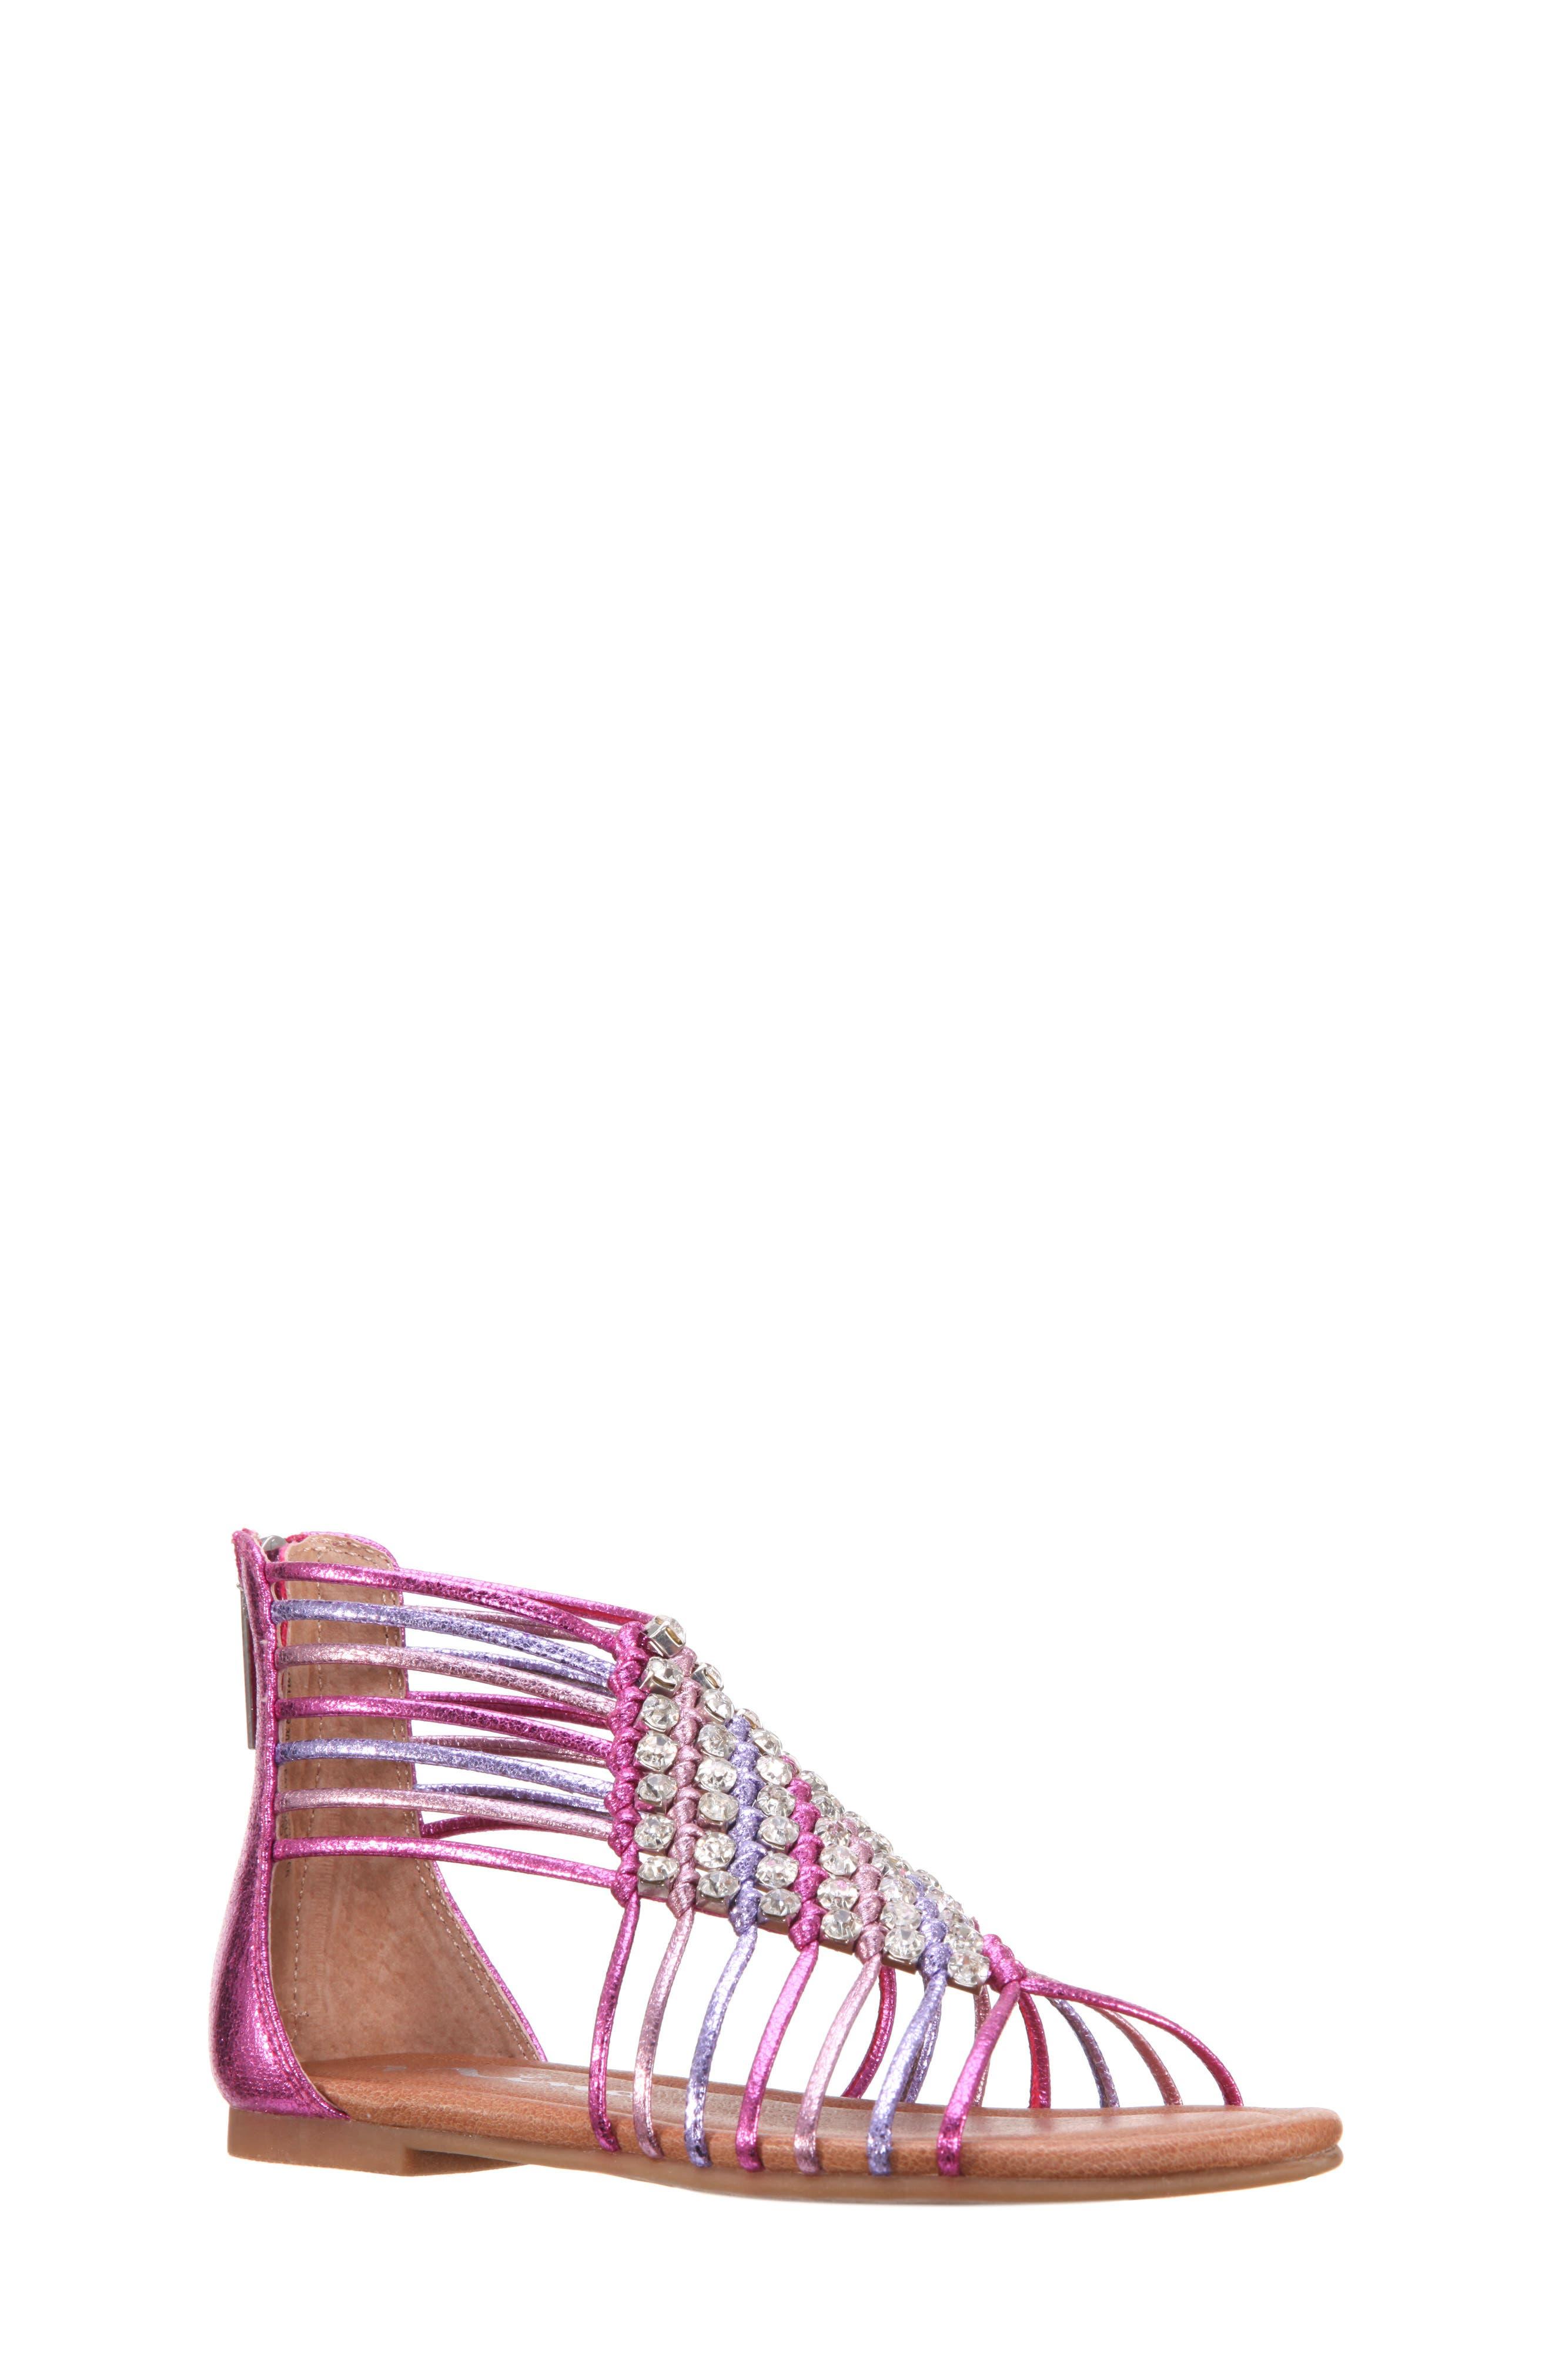 Karlee Embellished Sandal,                         Main,                         color, Pink Multi Metallic Crackle